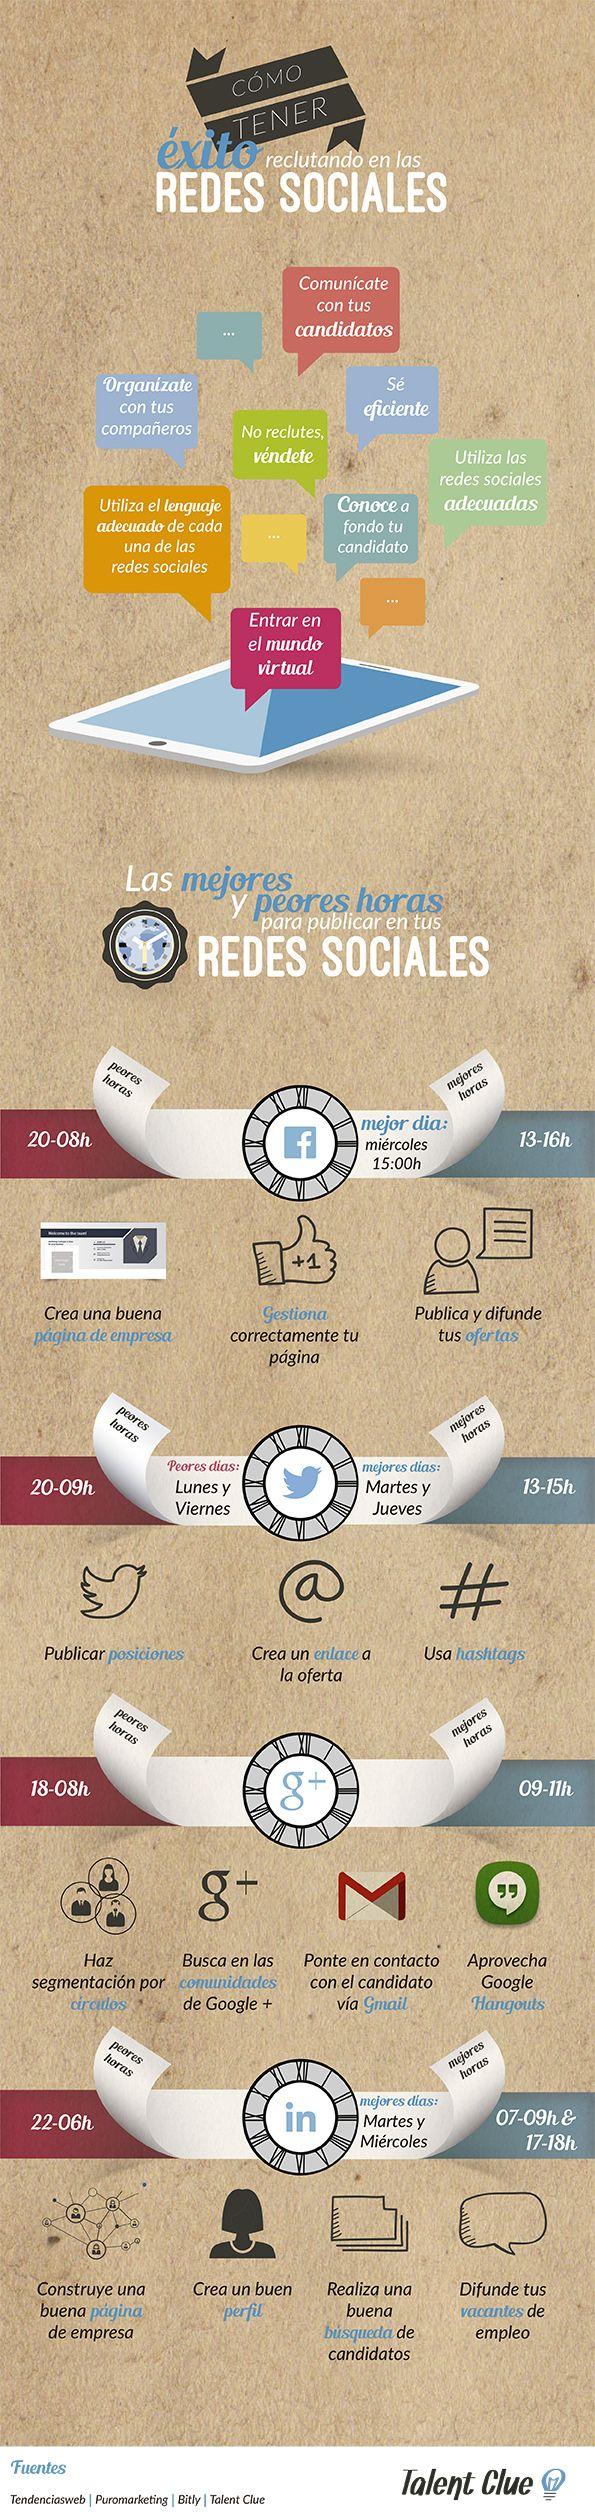 Cómo Tener Éxito Reclutando en las Redes Sociales #infografía